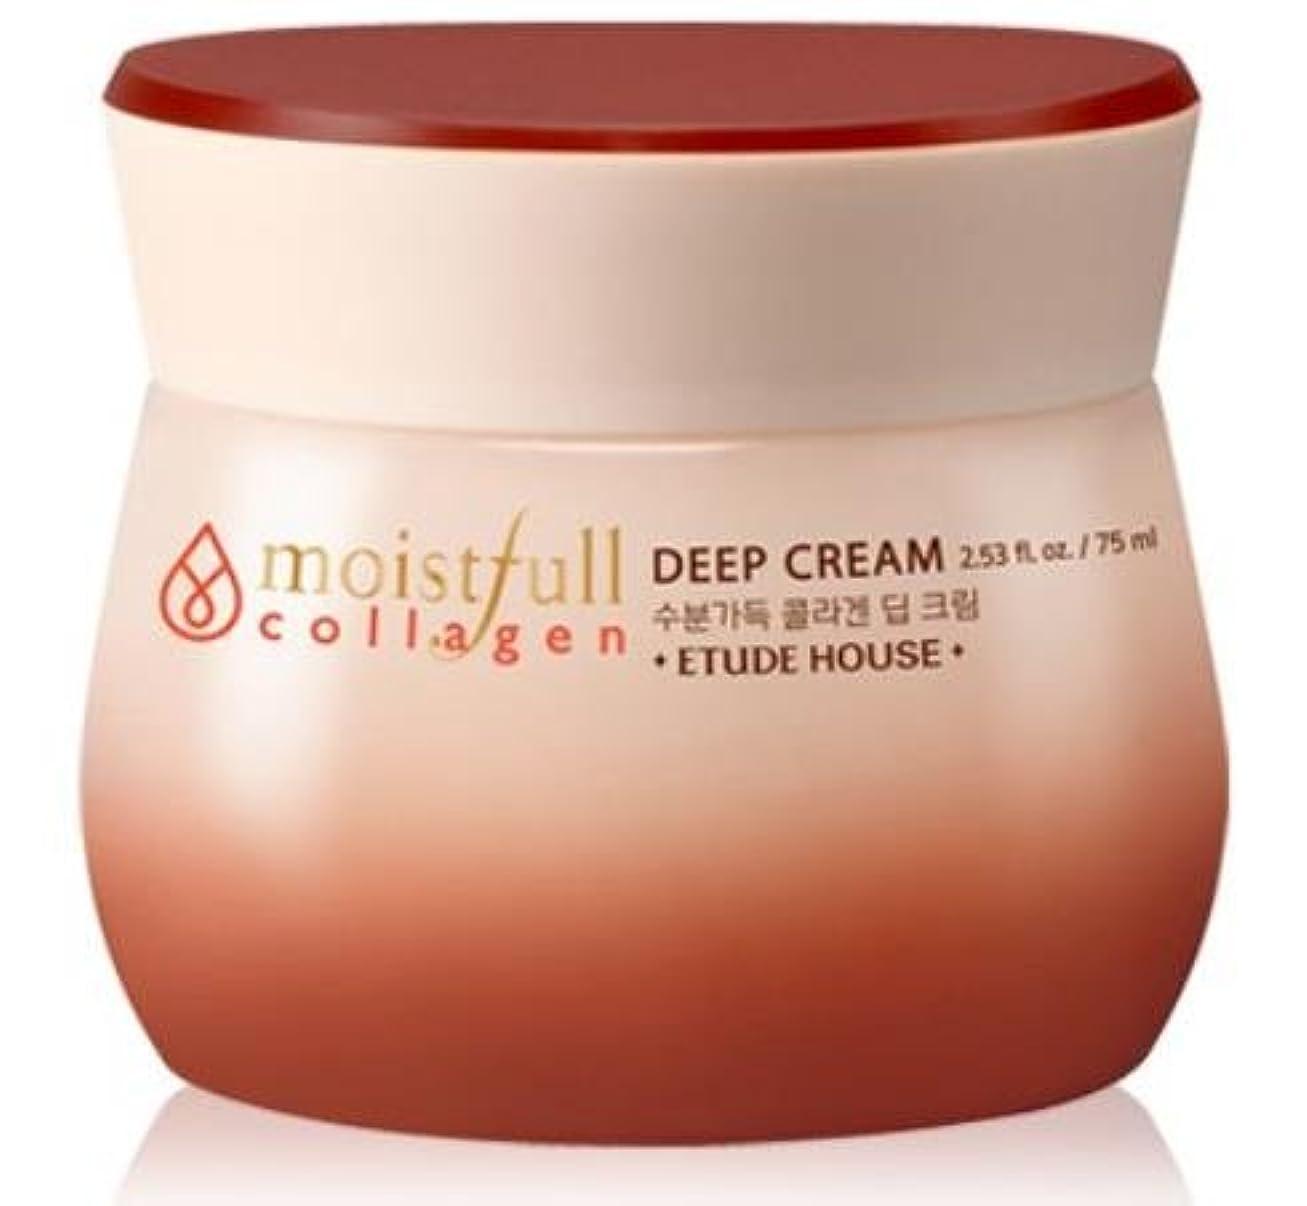 モスクマーケティング限りなく[エチュードハウス] ETUDE HOUSE [モイストフルコラーゲ 深いクリーム] (Moistfull Collagen Deep Cream) [並行輸入品]